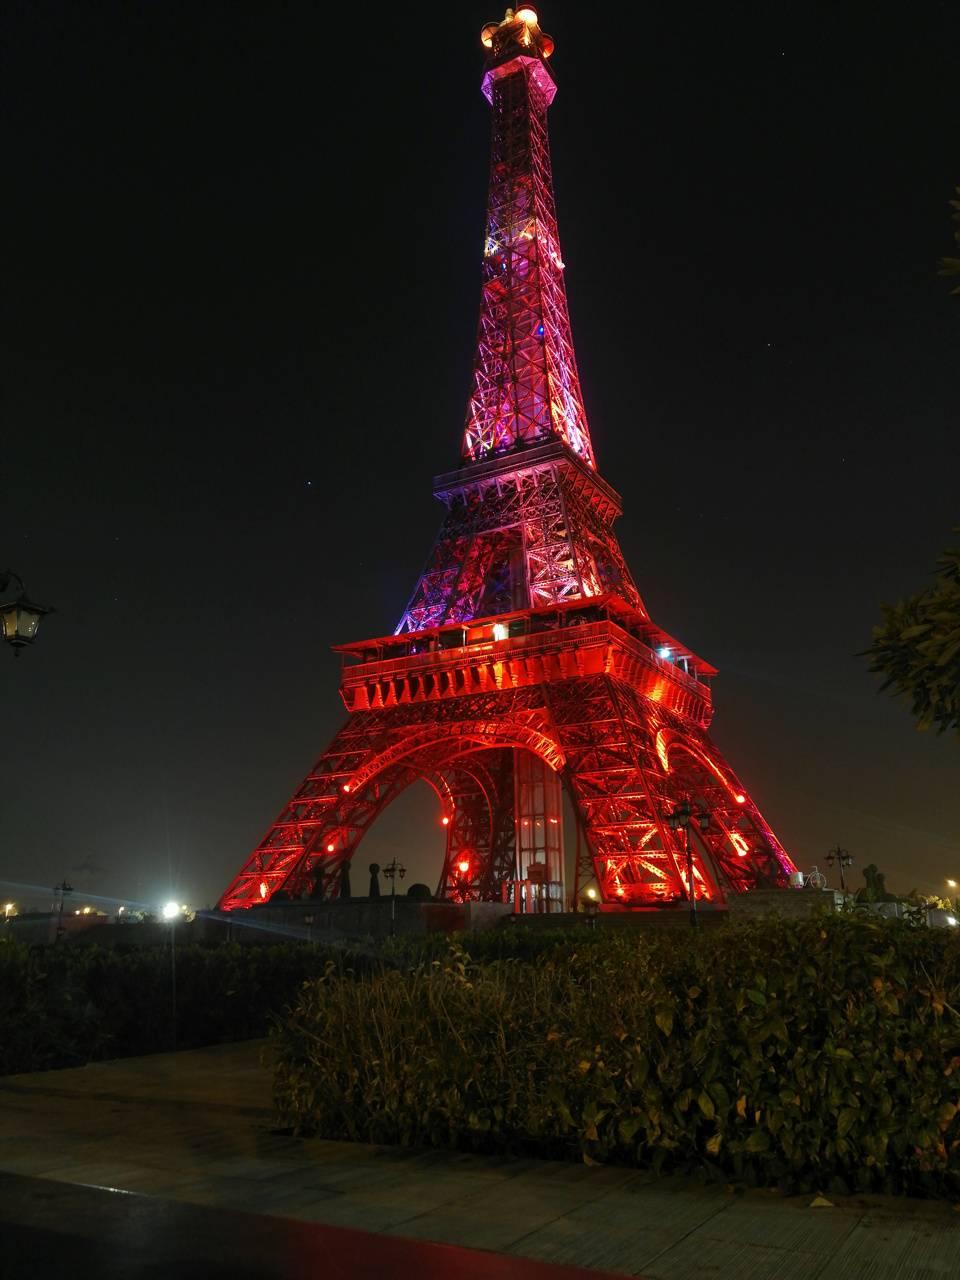 Eifel tower behria